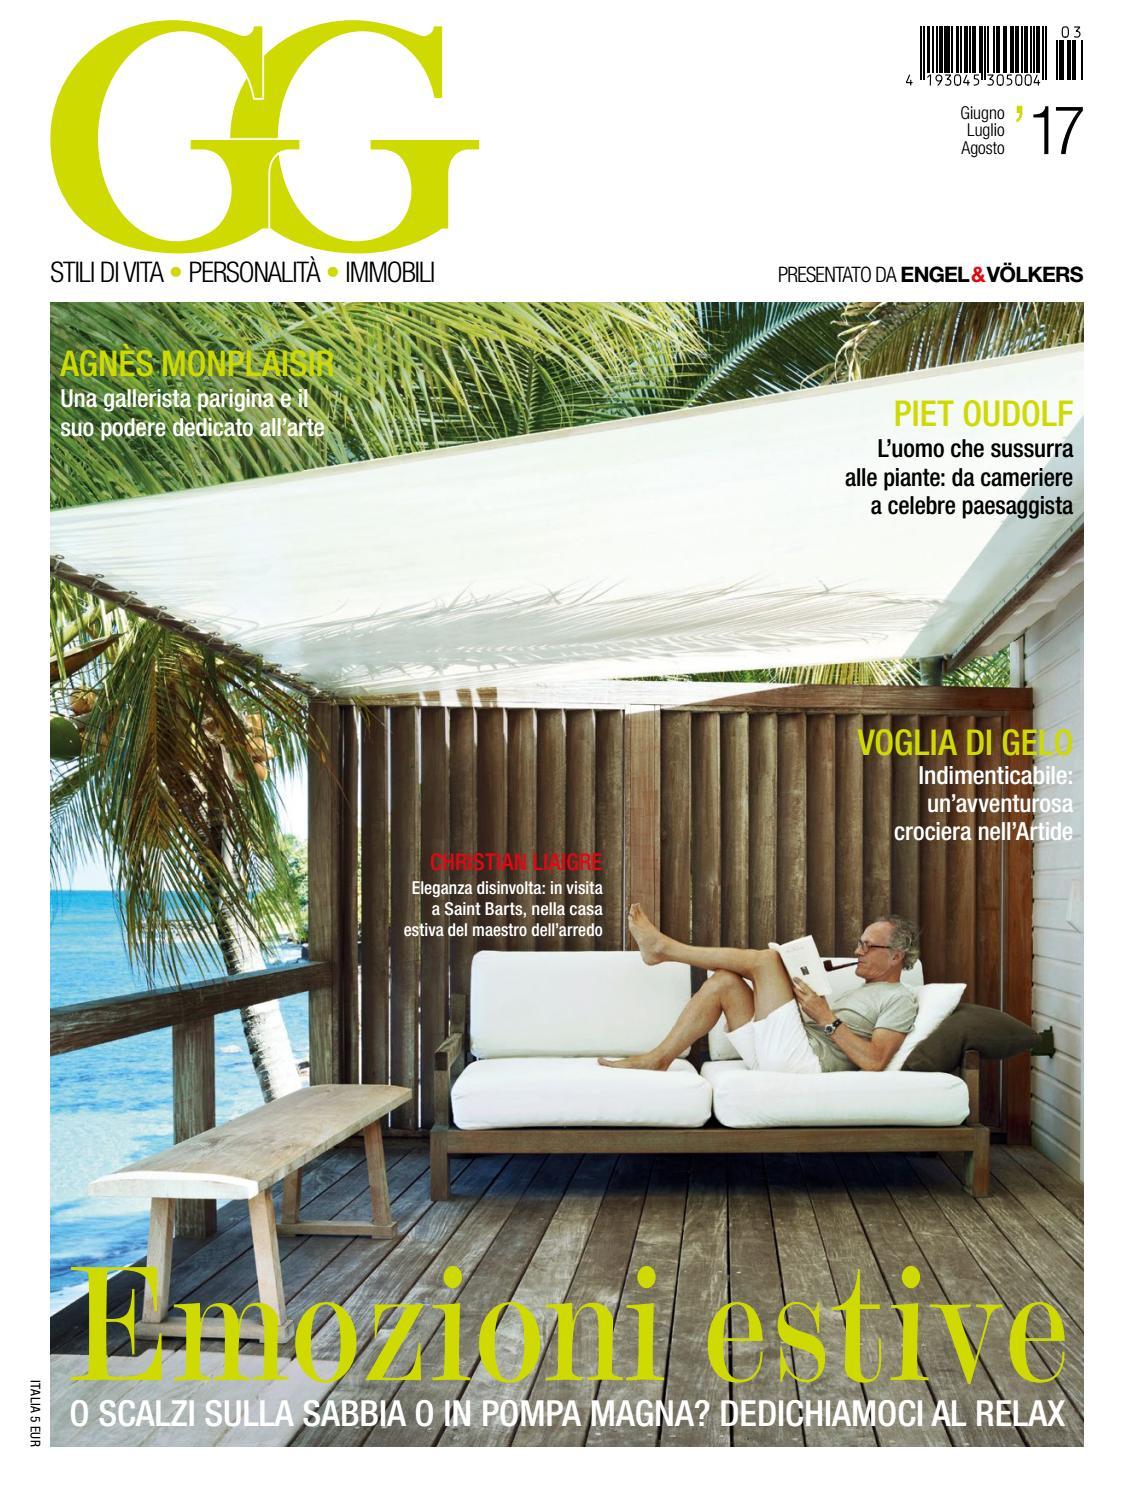 GG Magazine 03 17 (italian) by GG-Magazine - issuu 105ca16d134